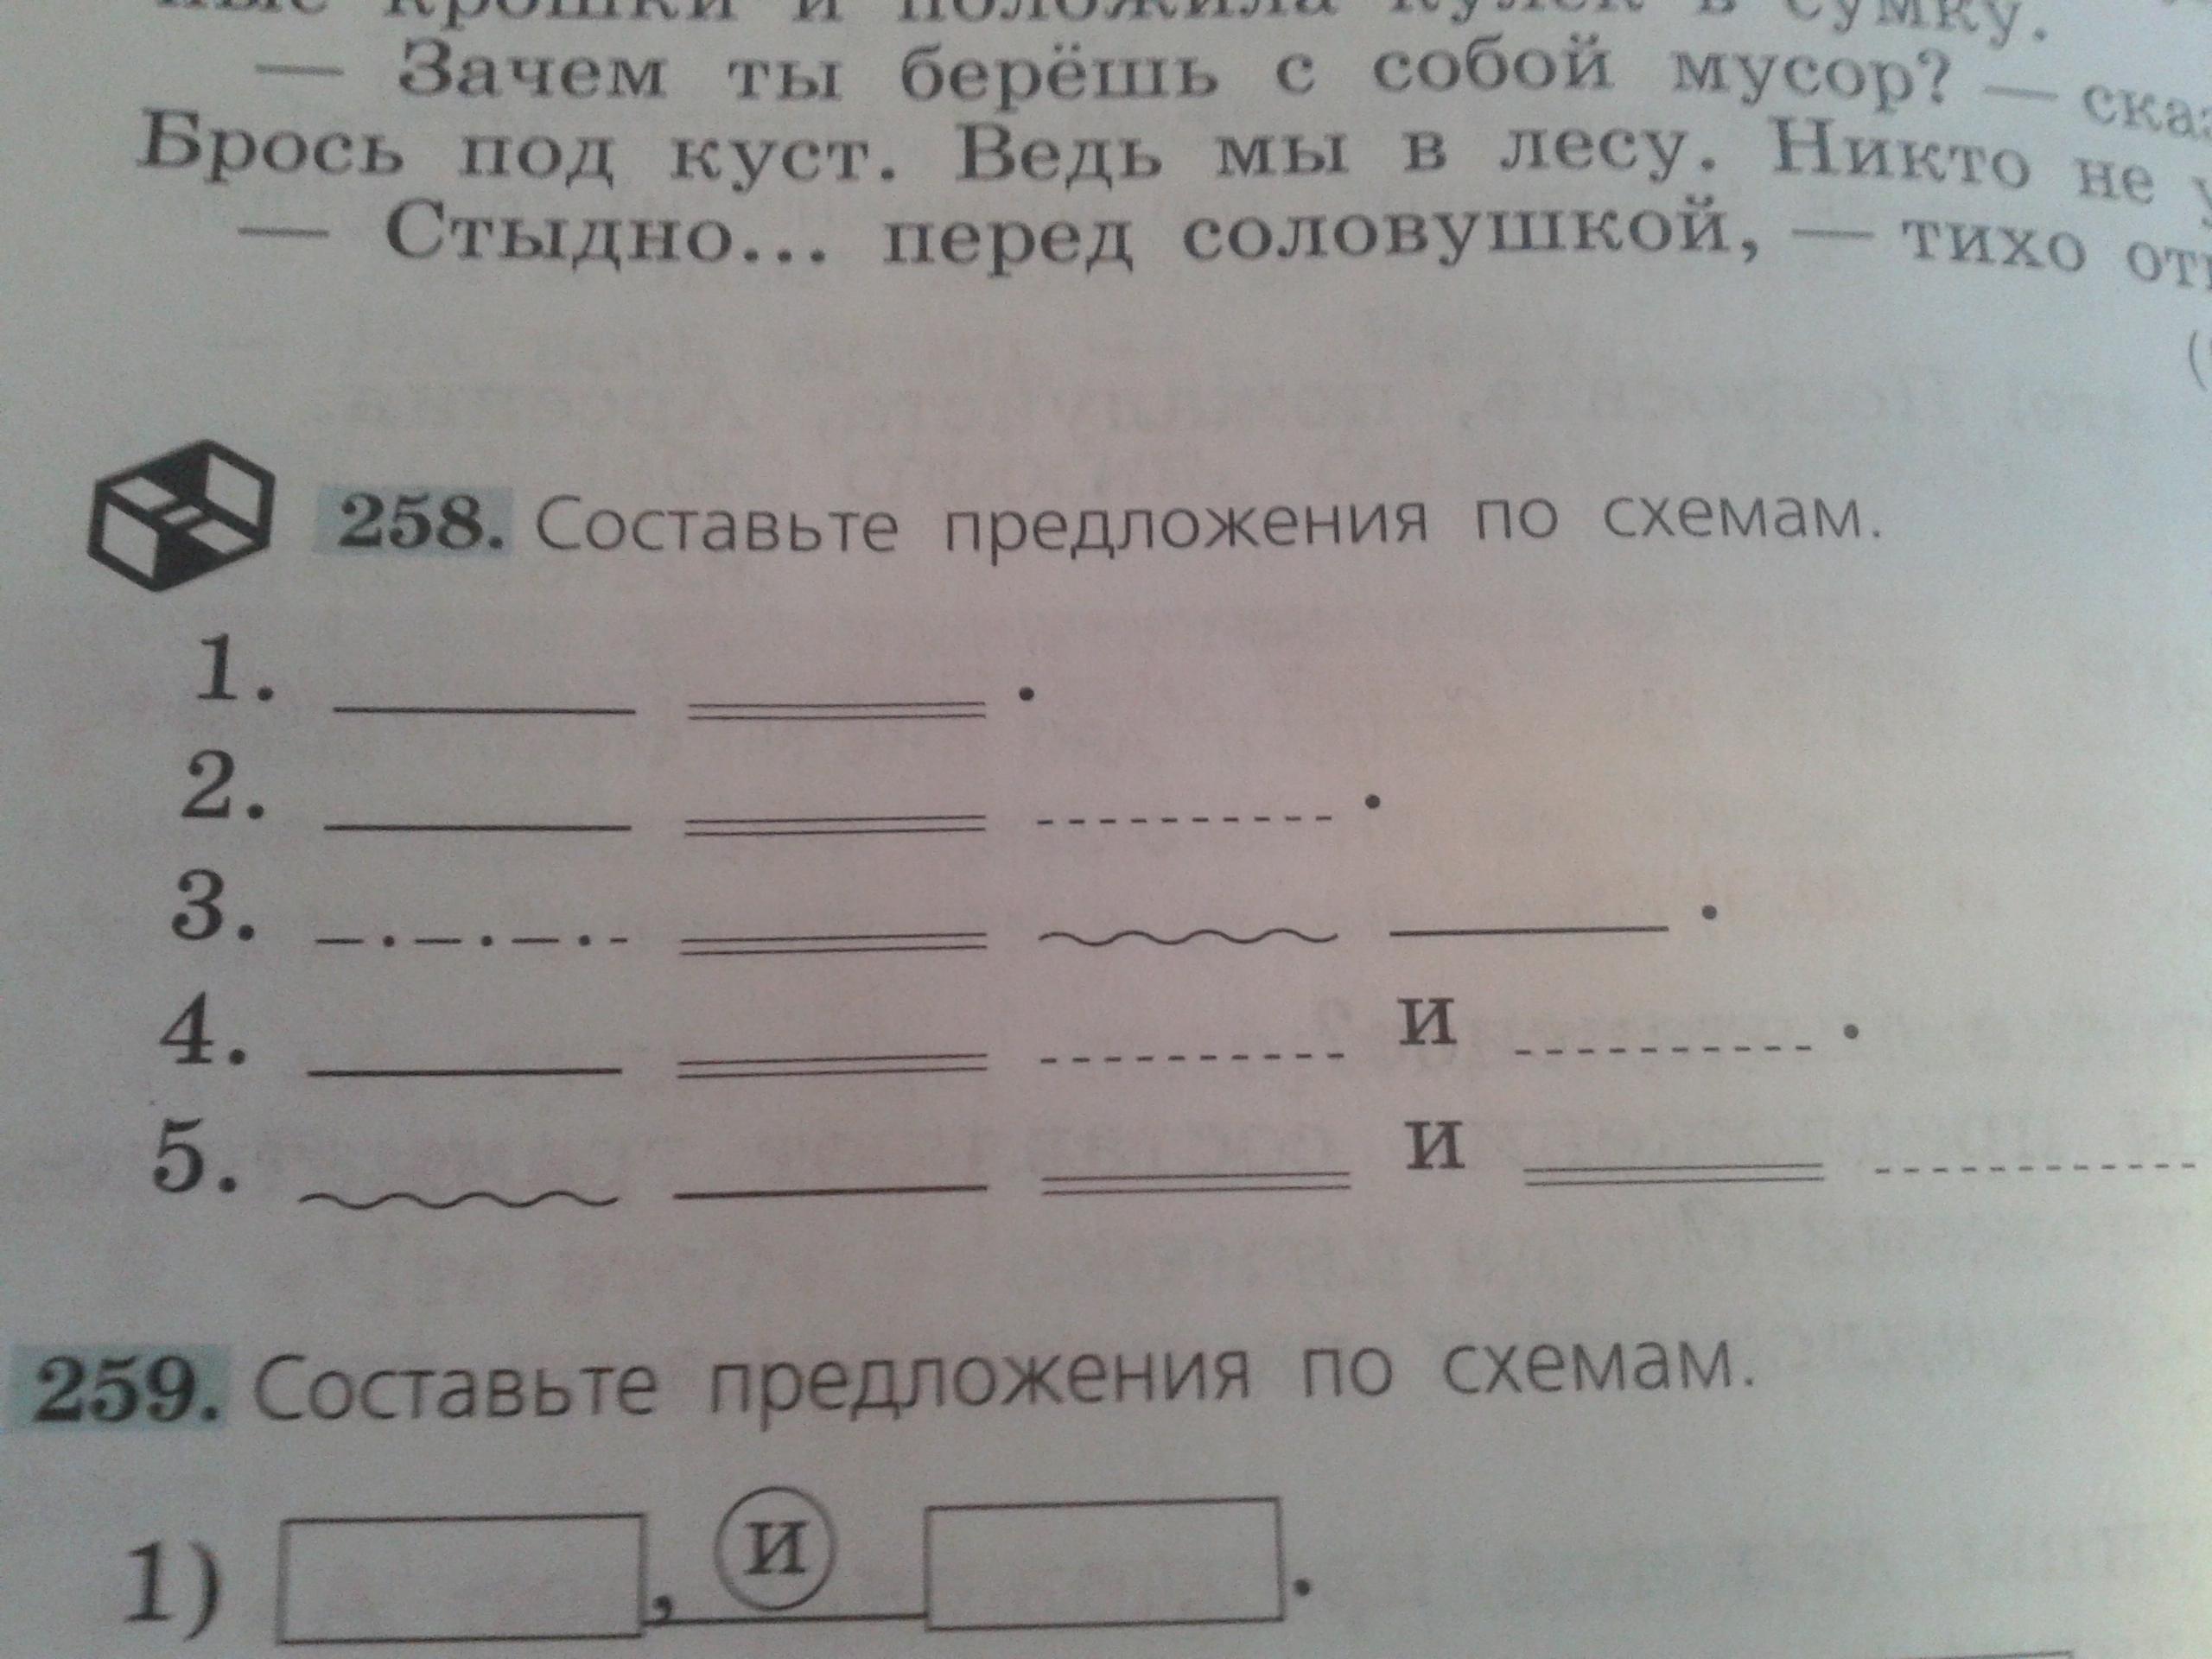 Ответы mail. Ru: помогите составить предложения по схеме!